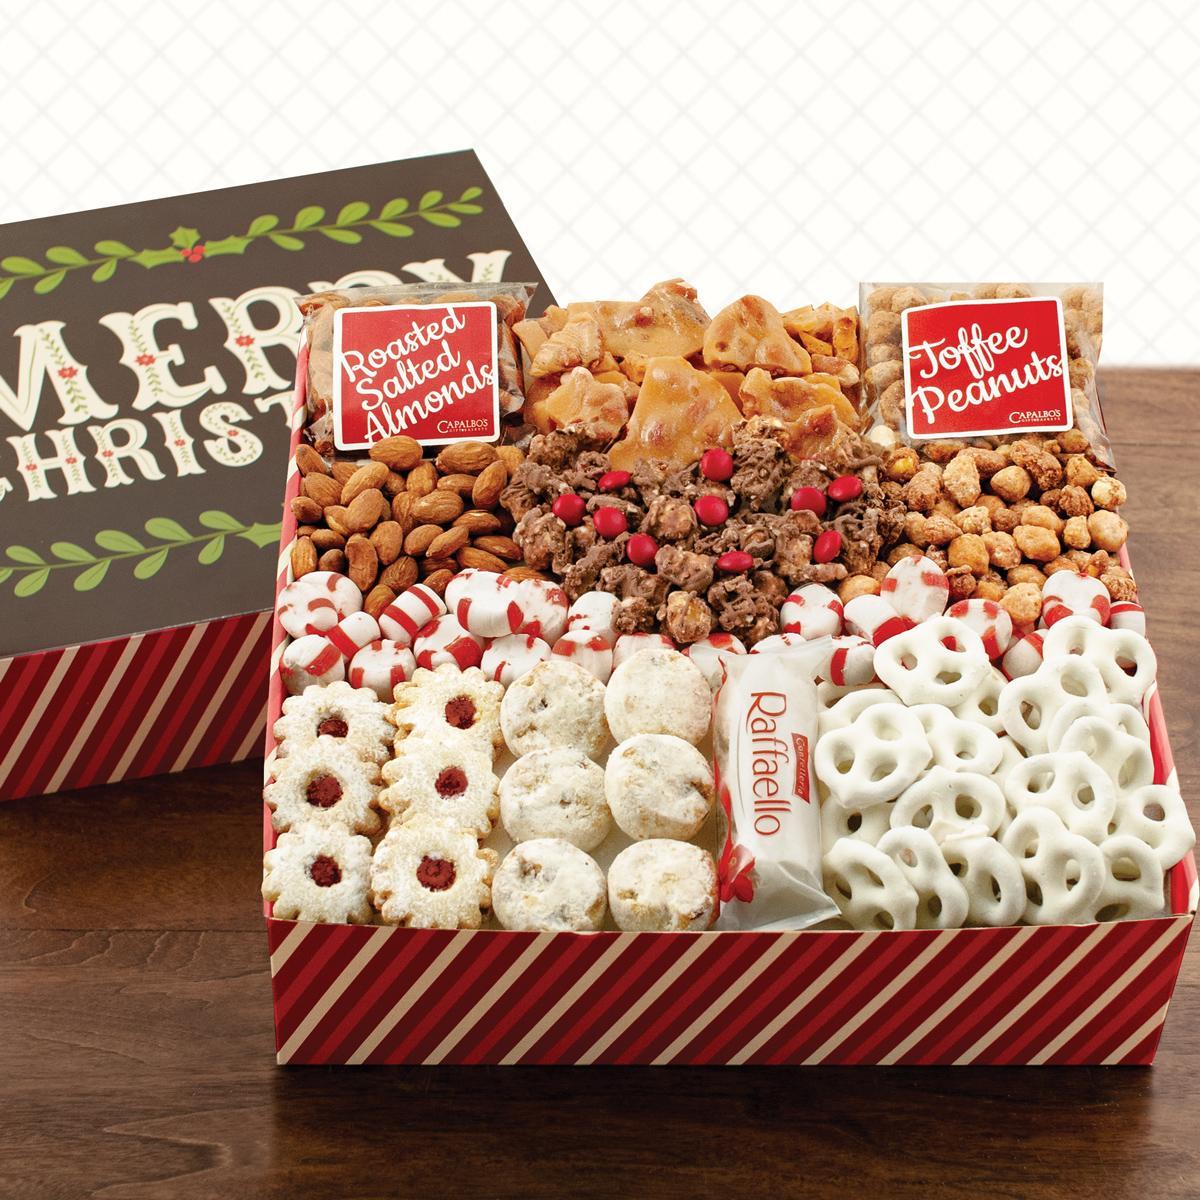 Capalbos Christmas Treats Gourmet Gift Box